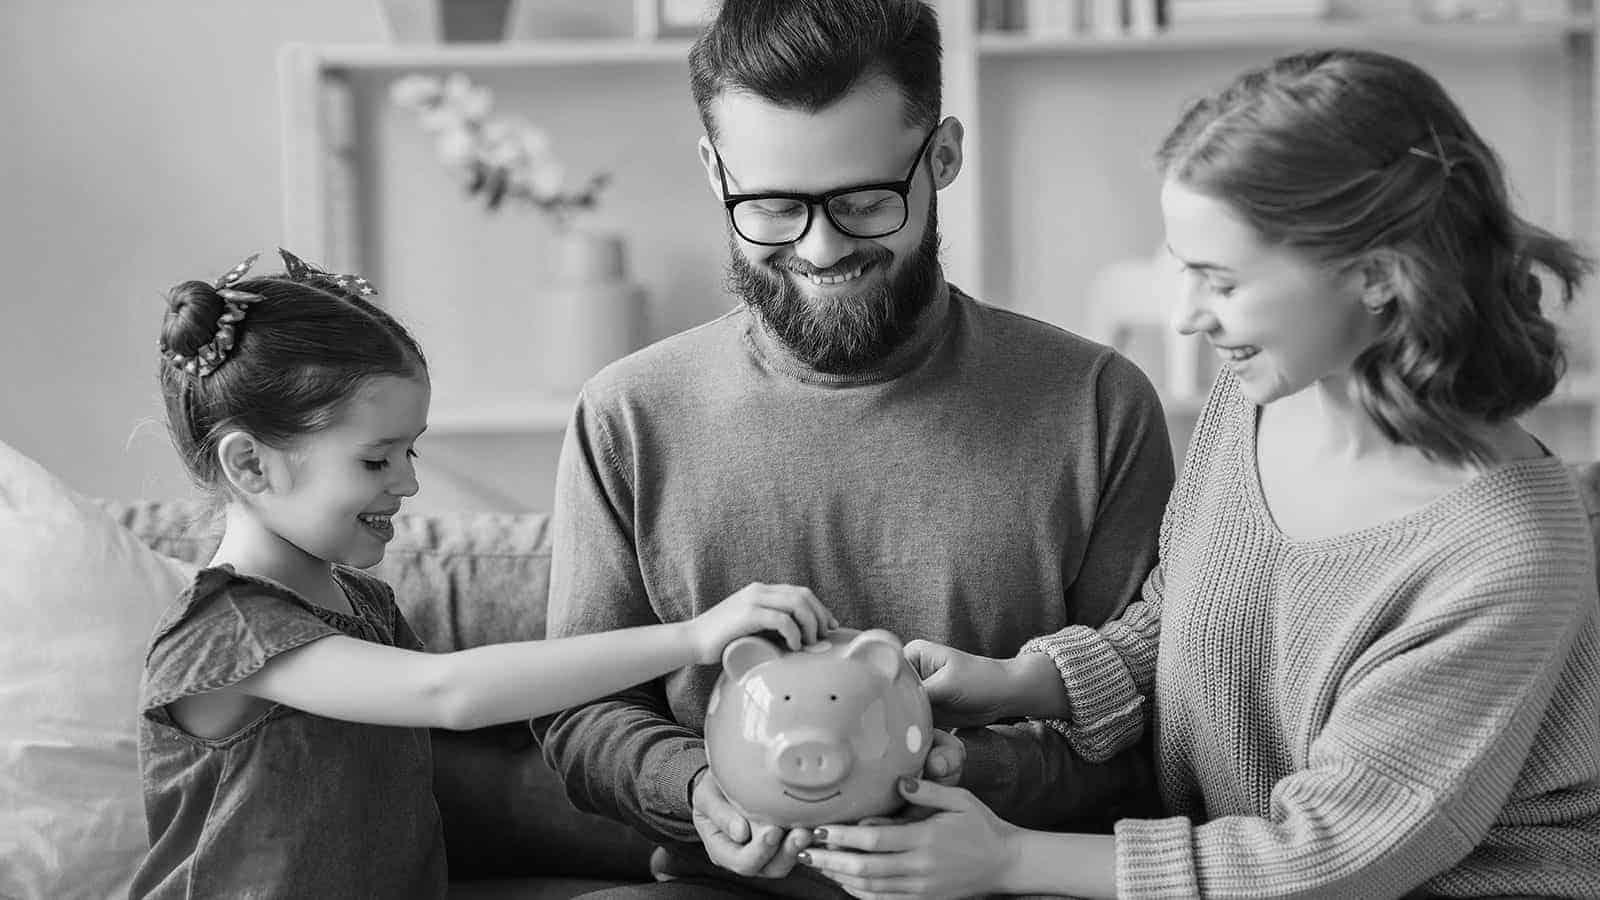 parent habits money teach every should read